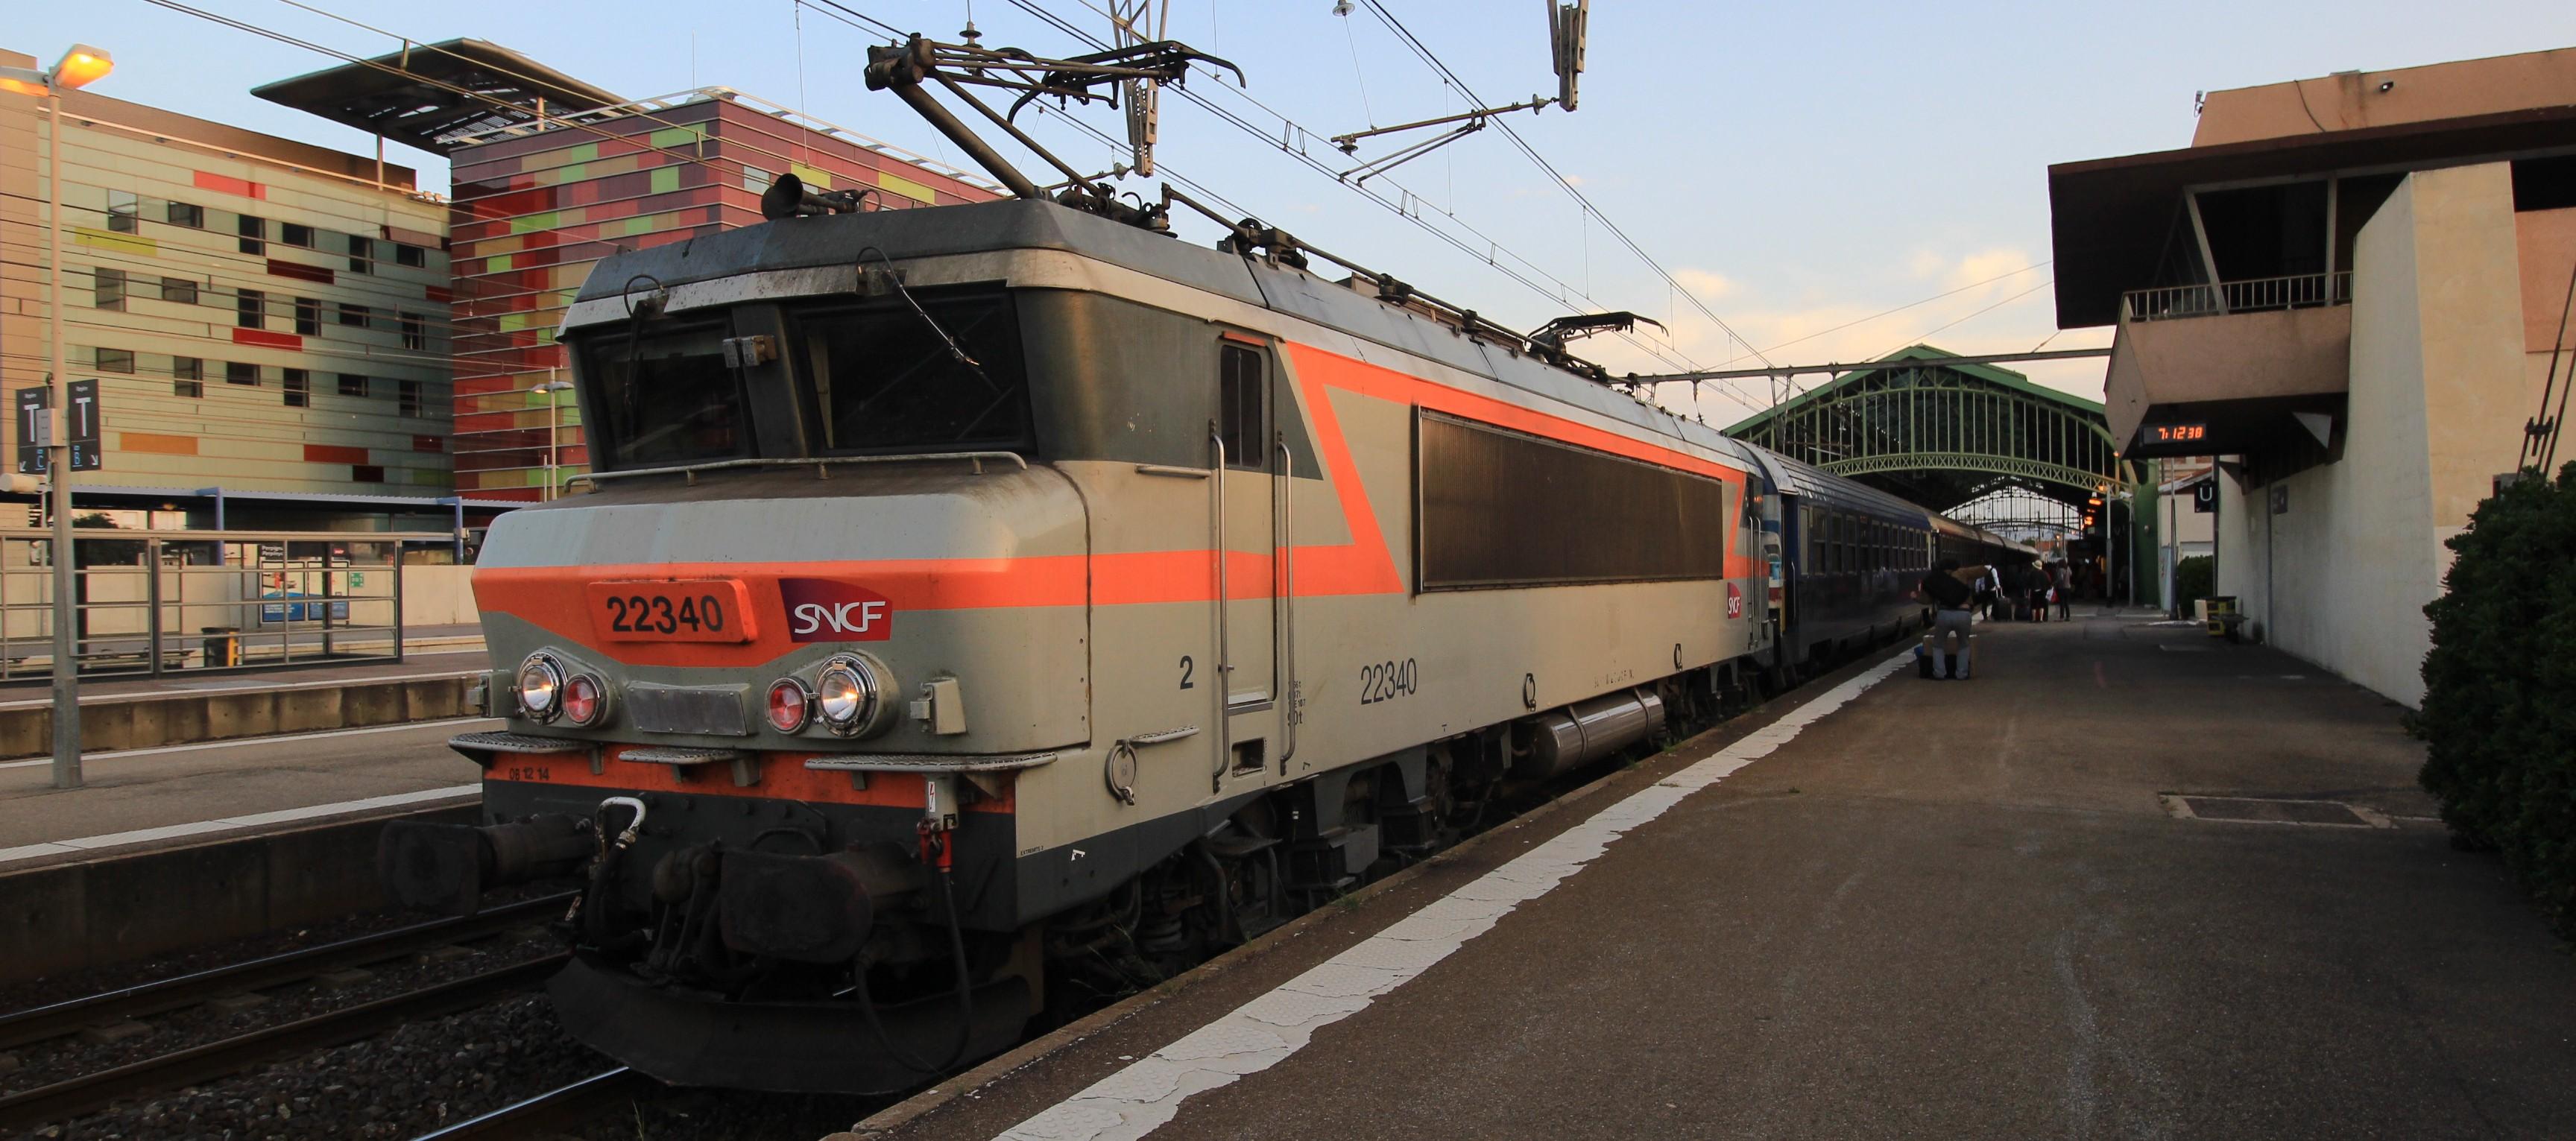 De nachttrein uit Parijs ´s ochtends in Perpignan ©Le Monde en Train